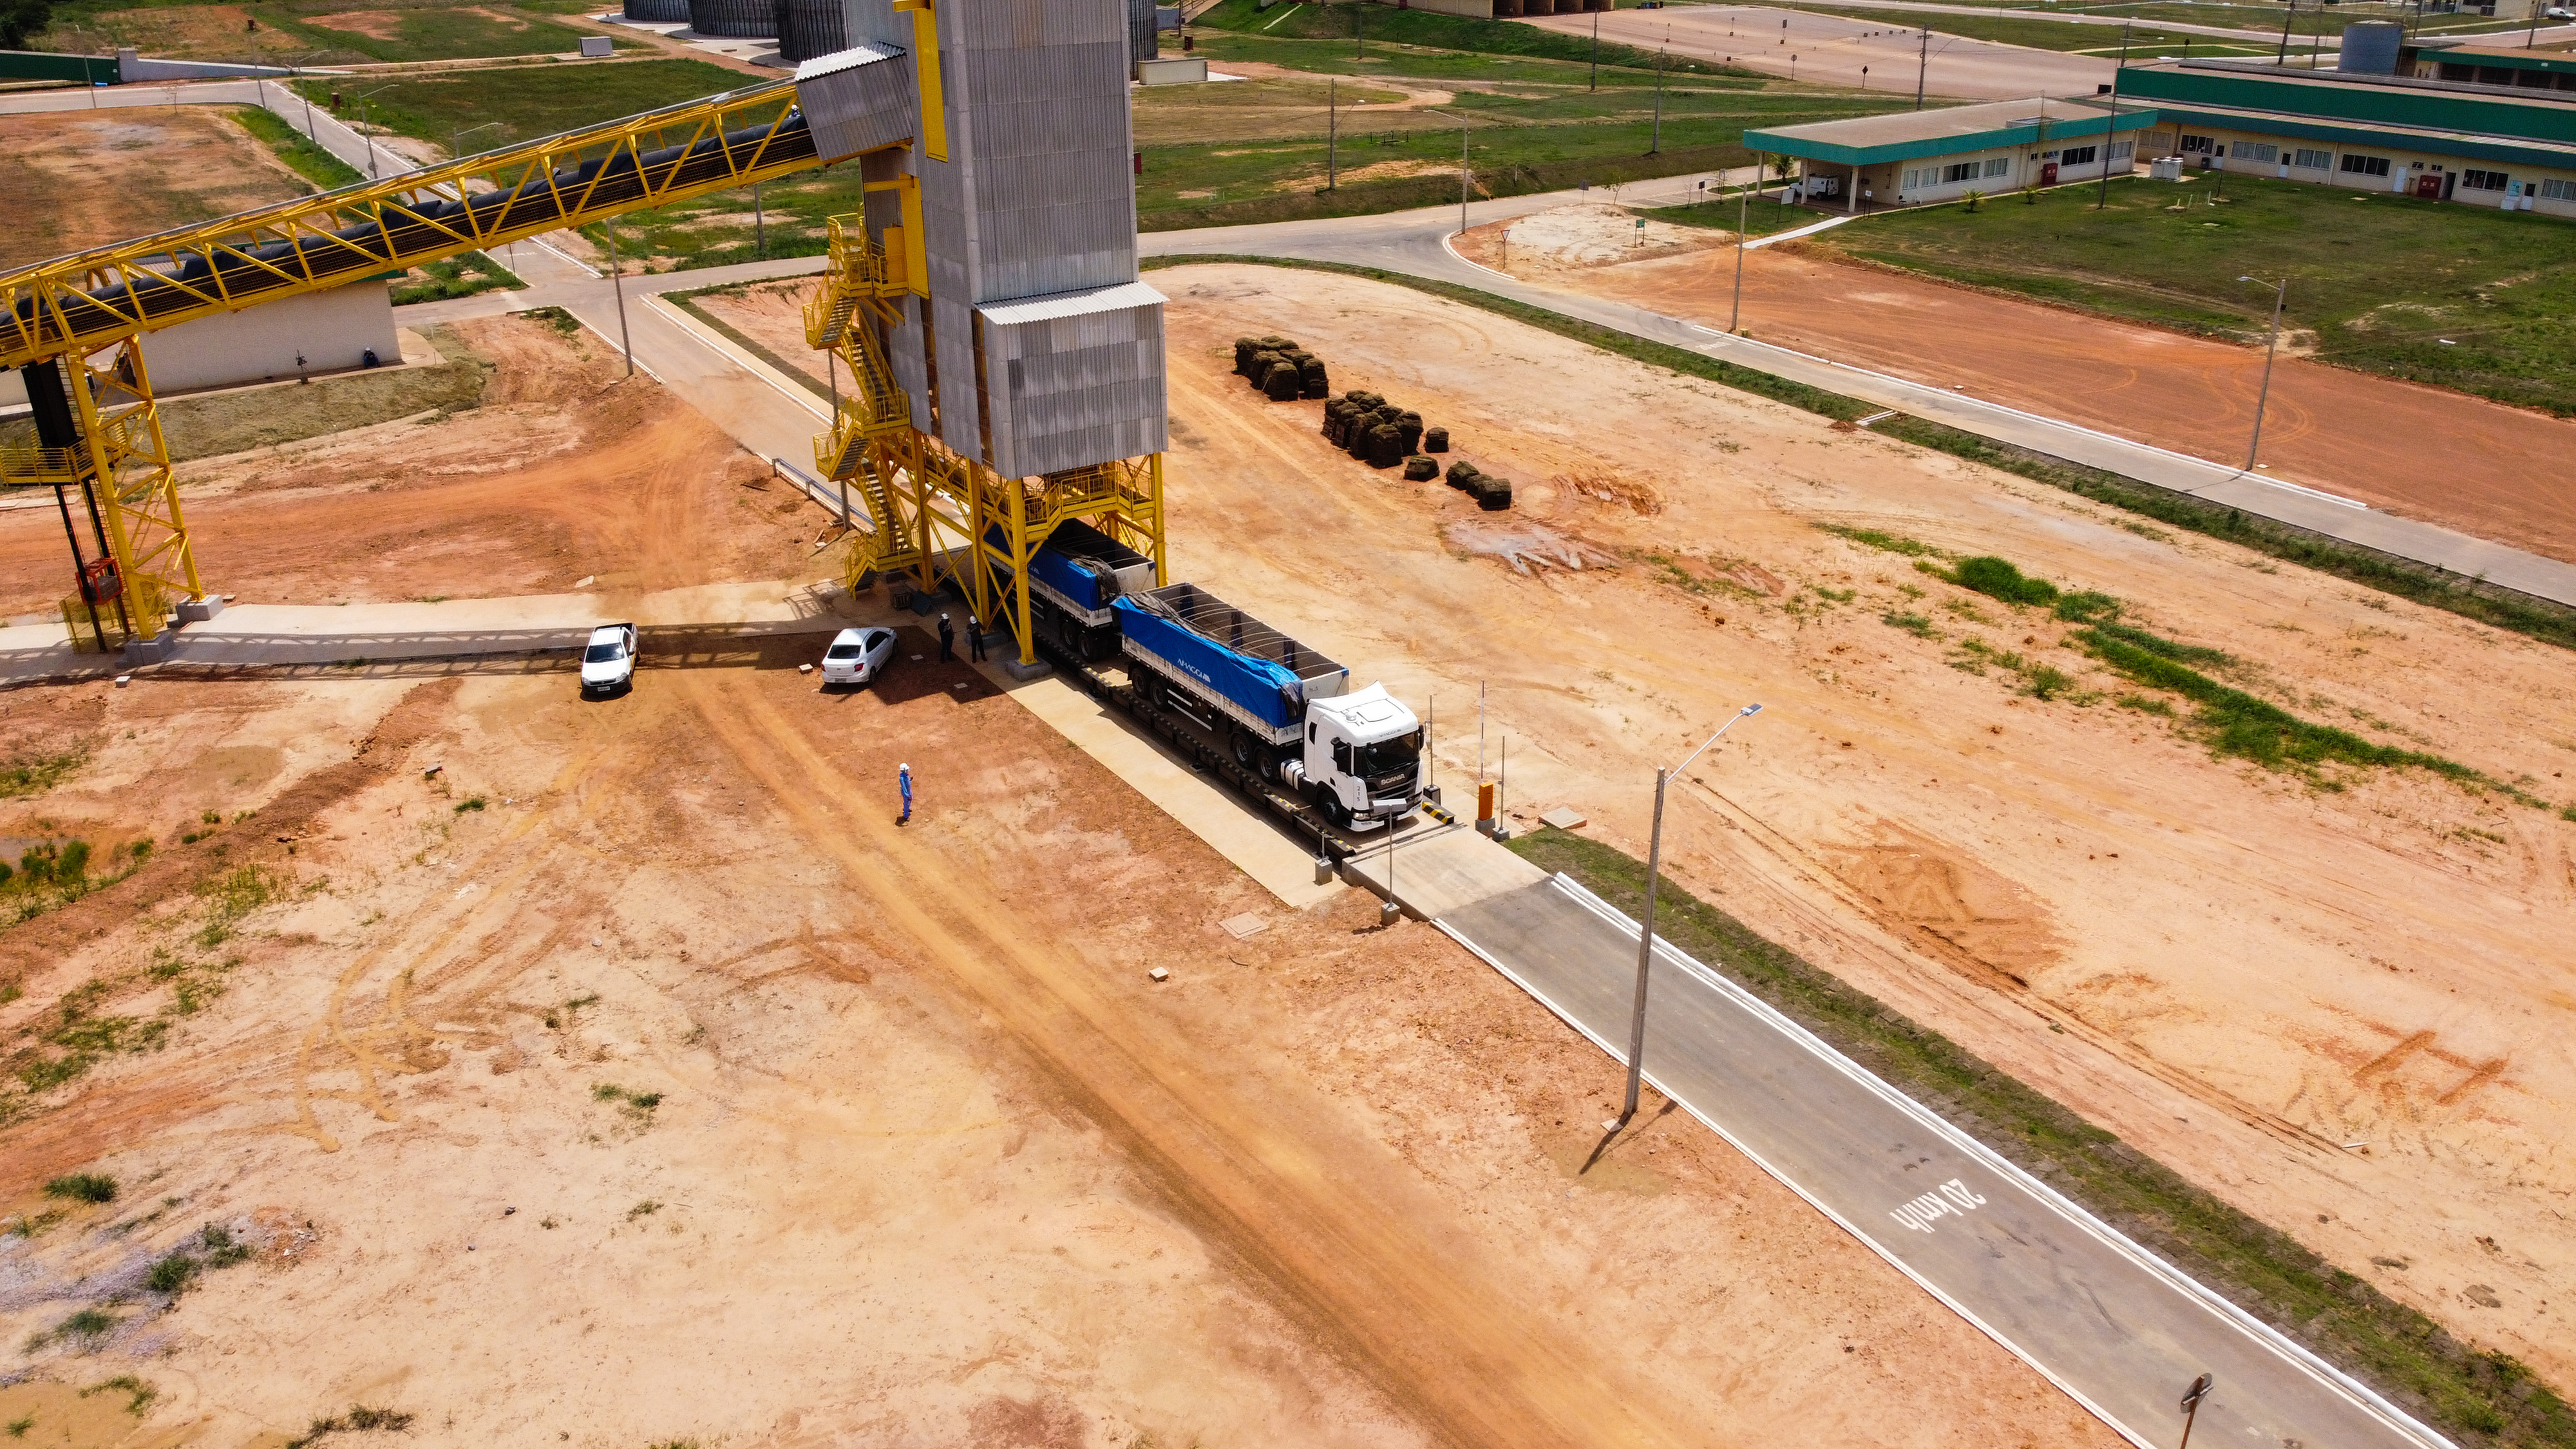 Carregamento de caminhão com fertilizantes no complexo de Portochuelo, Porto Velho (RO)